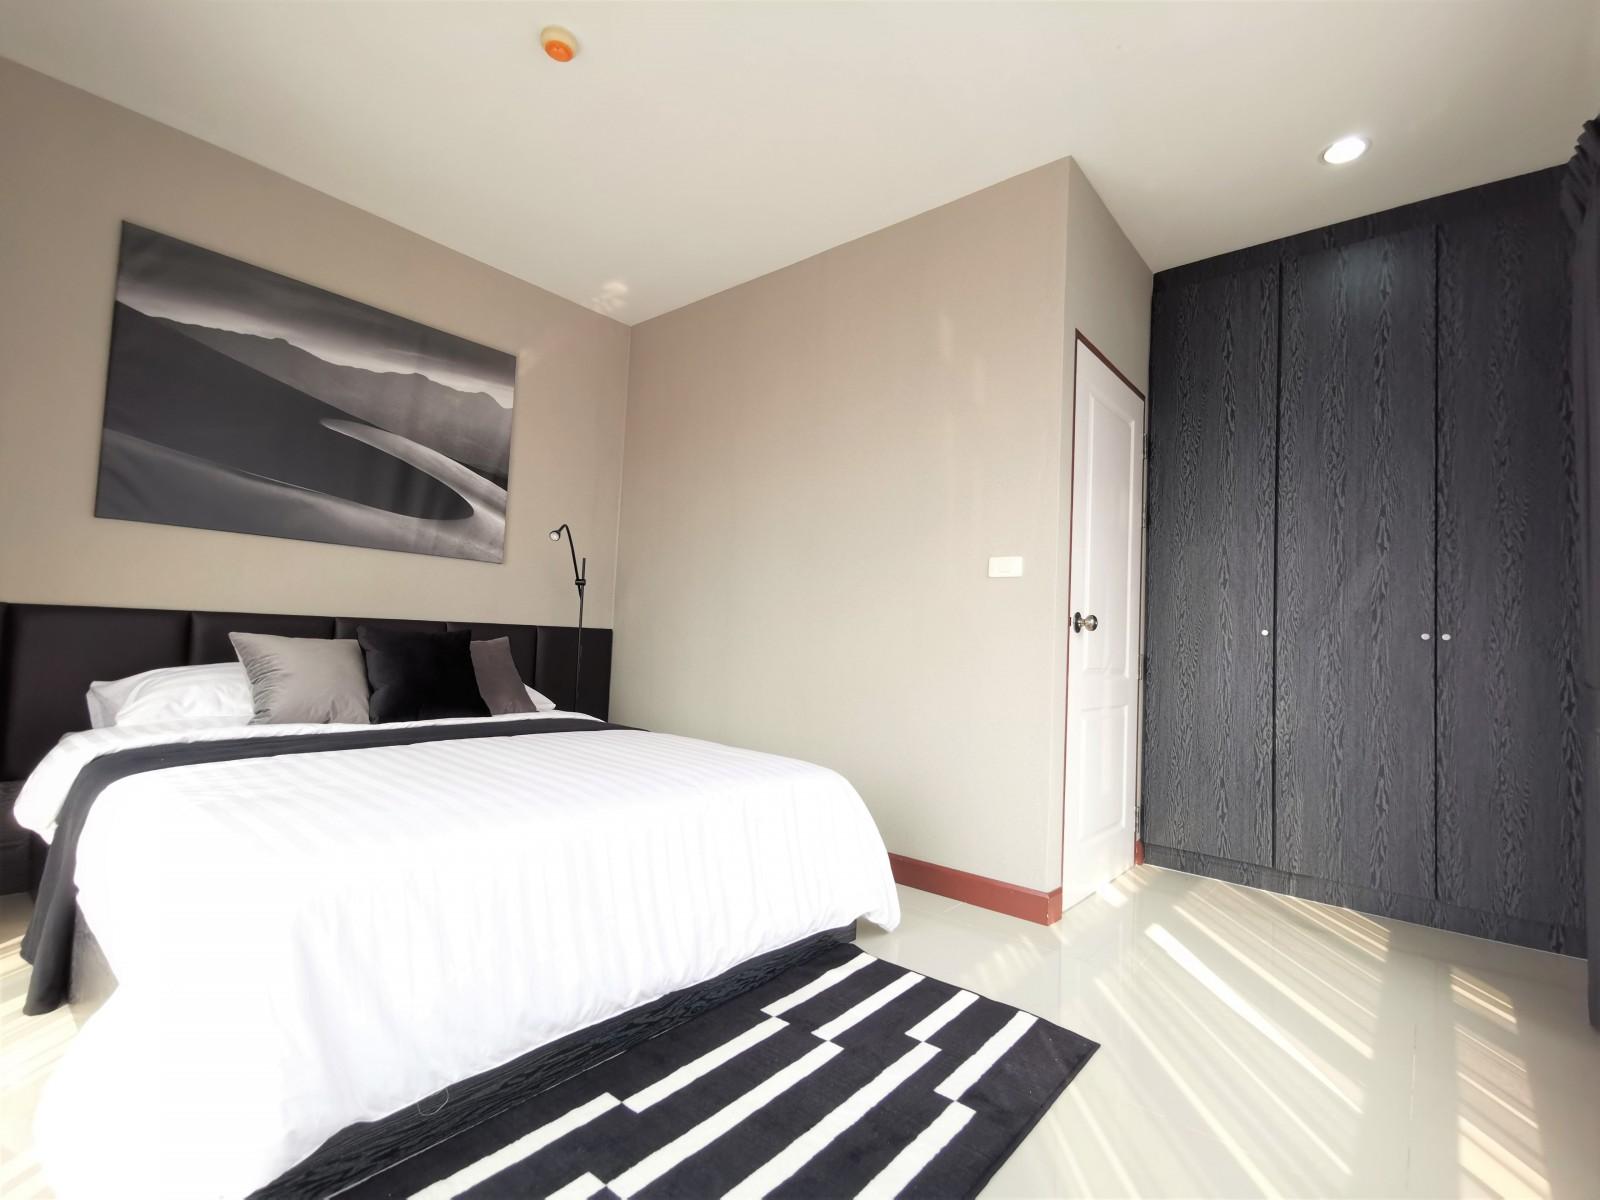 เอเซ่ คอนโดรัชดา 32 - 1ห้องนอน มือหนึ่ง พร้อมอยู่ - ขาย 2.2 ล้านบาท - เช่า 8,000บาท